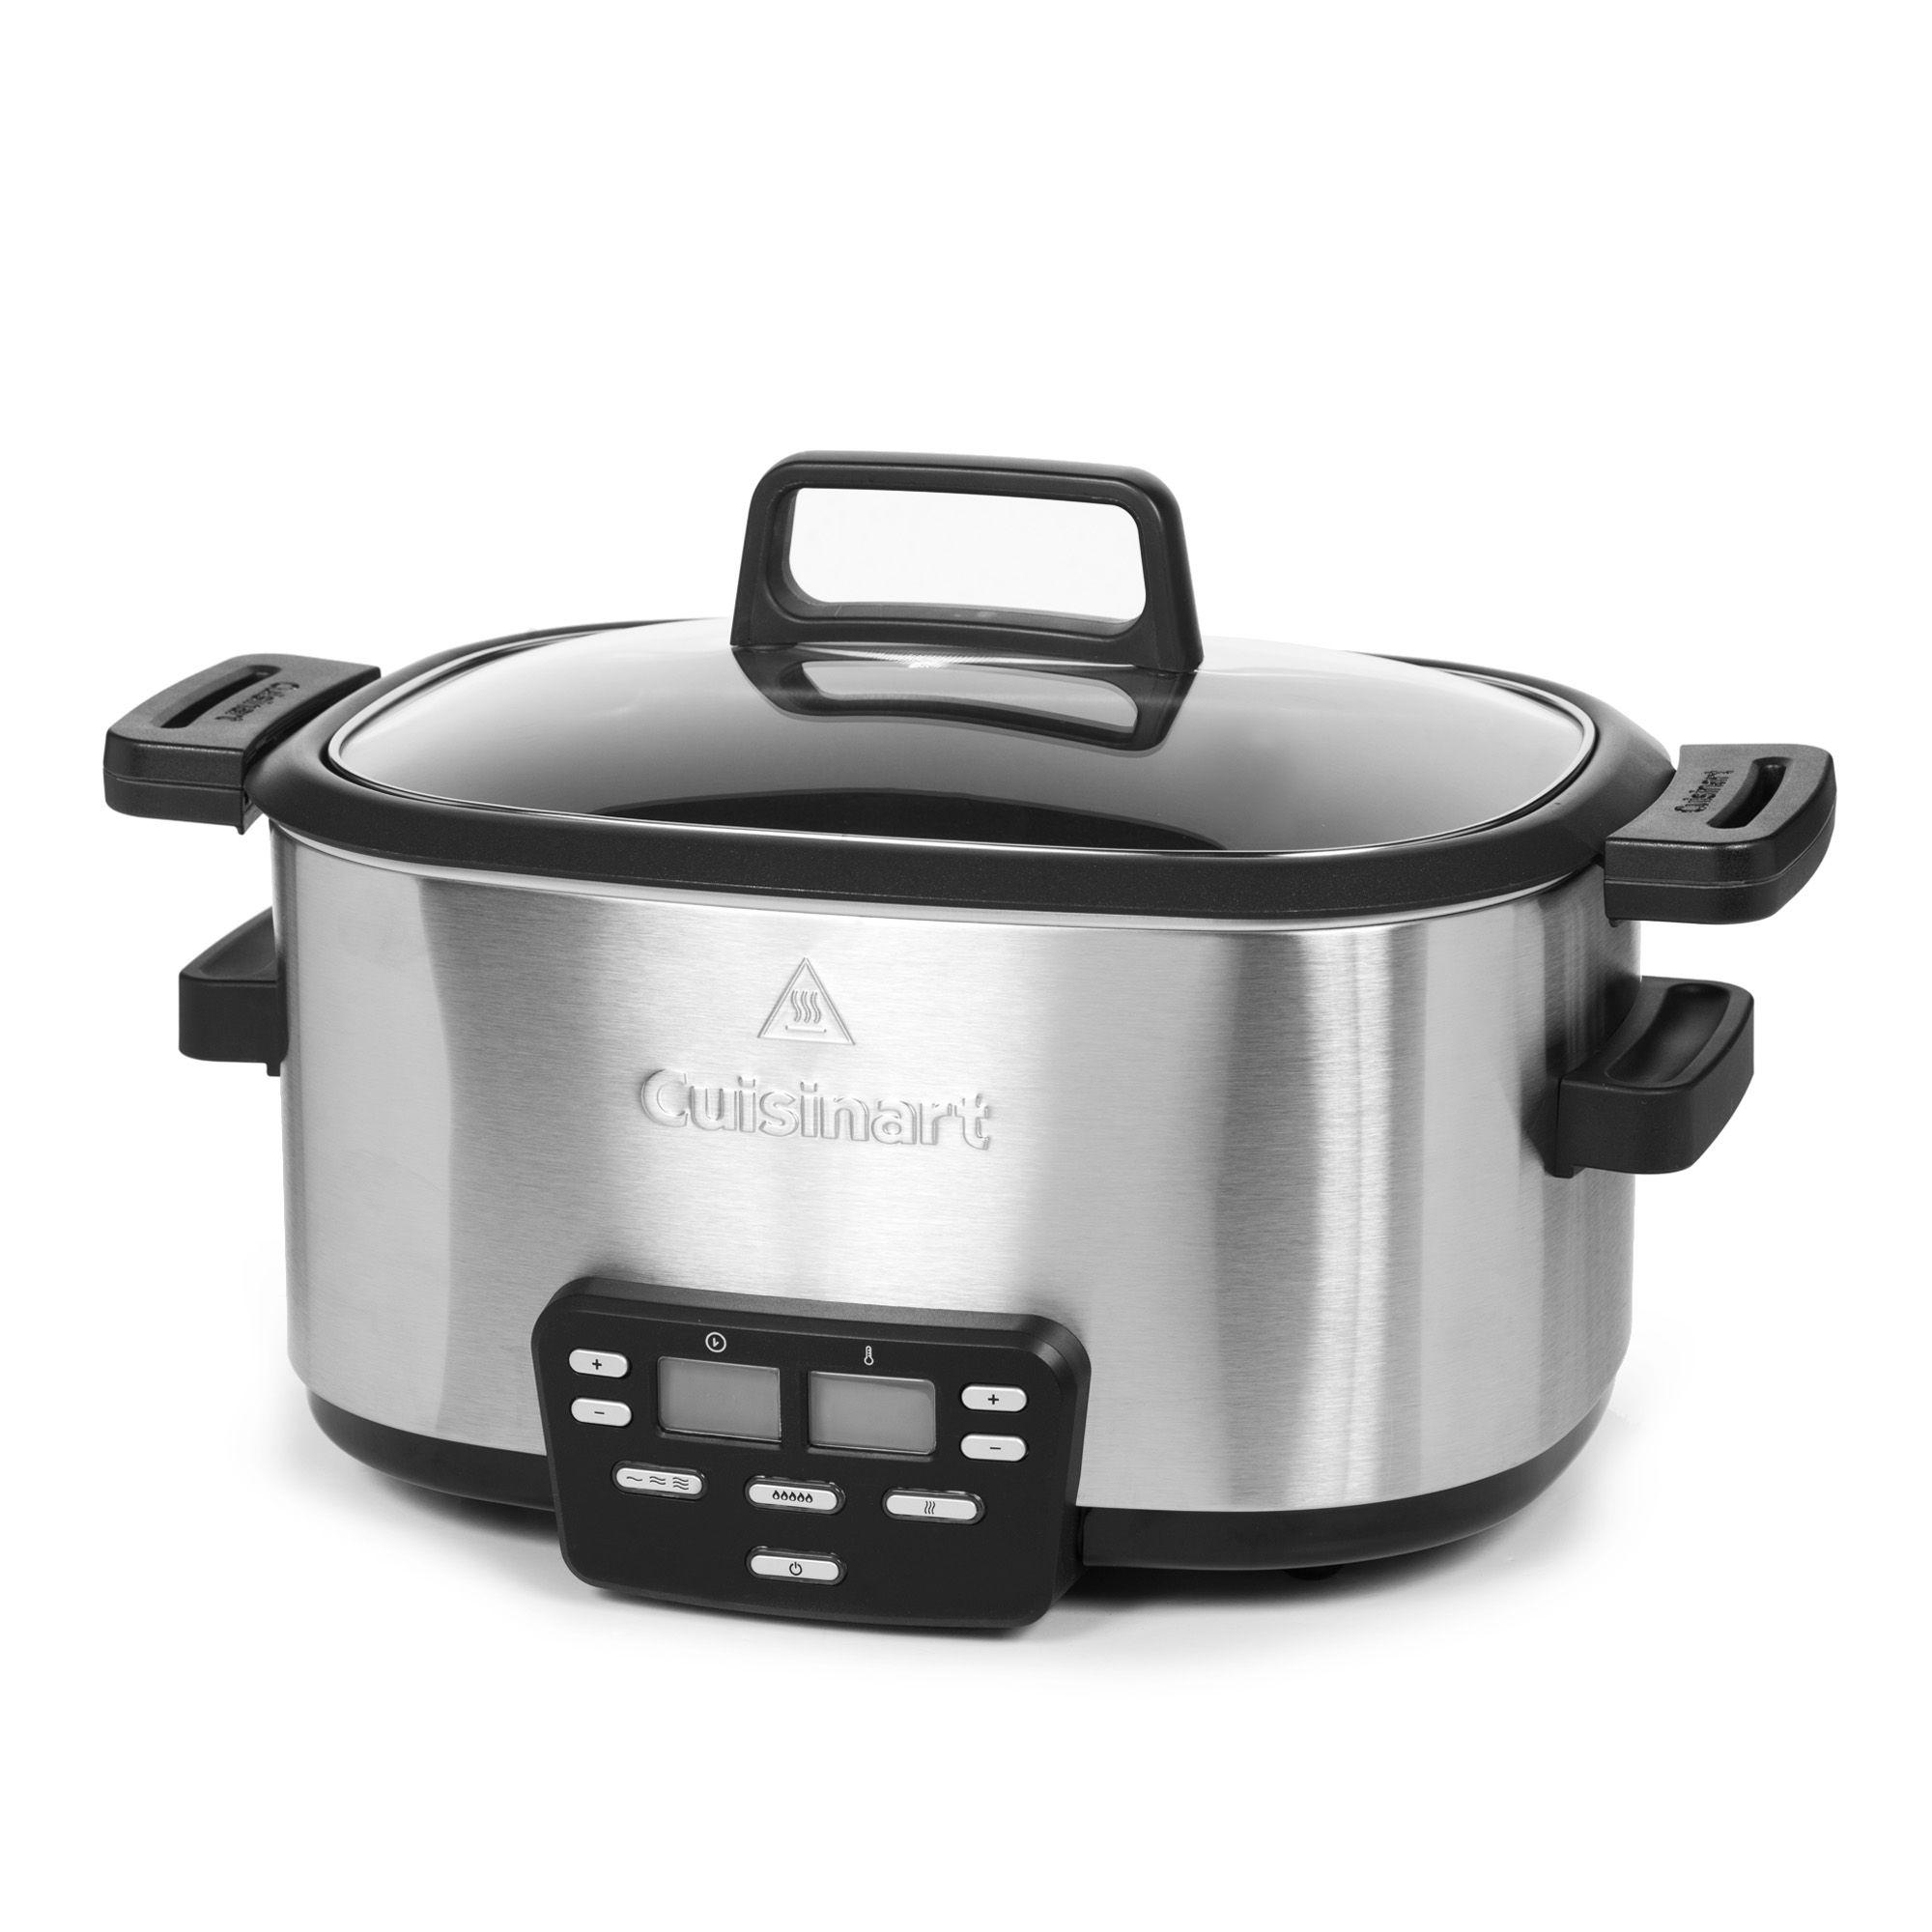 Cuisinart multicooker digitale con 6 modalit di cotture - Cuisinart italia ...